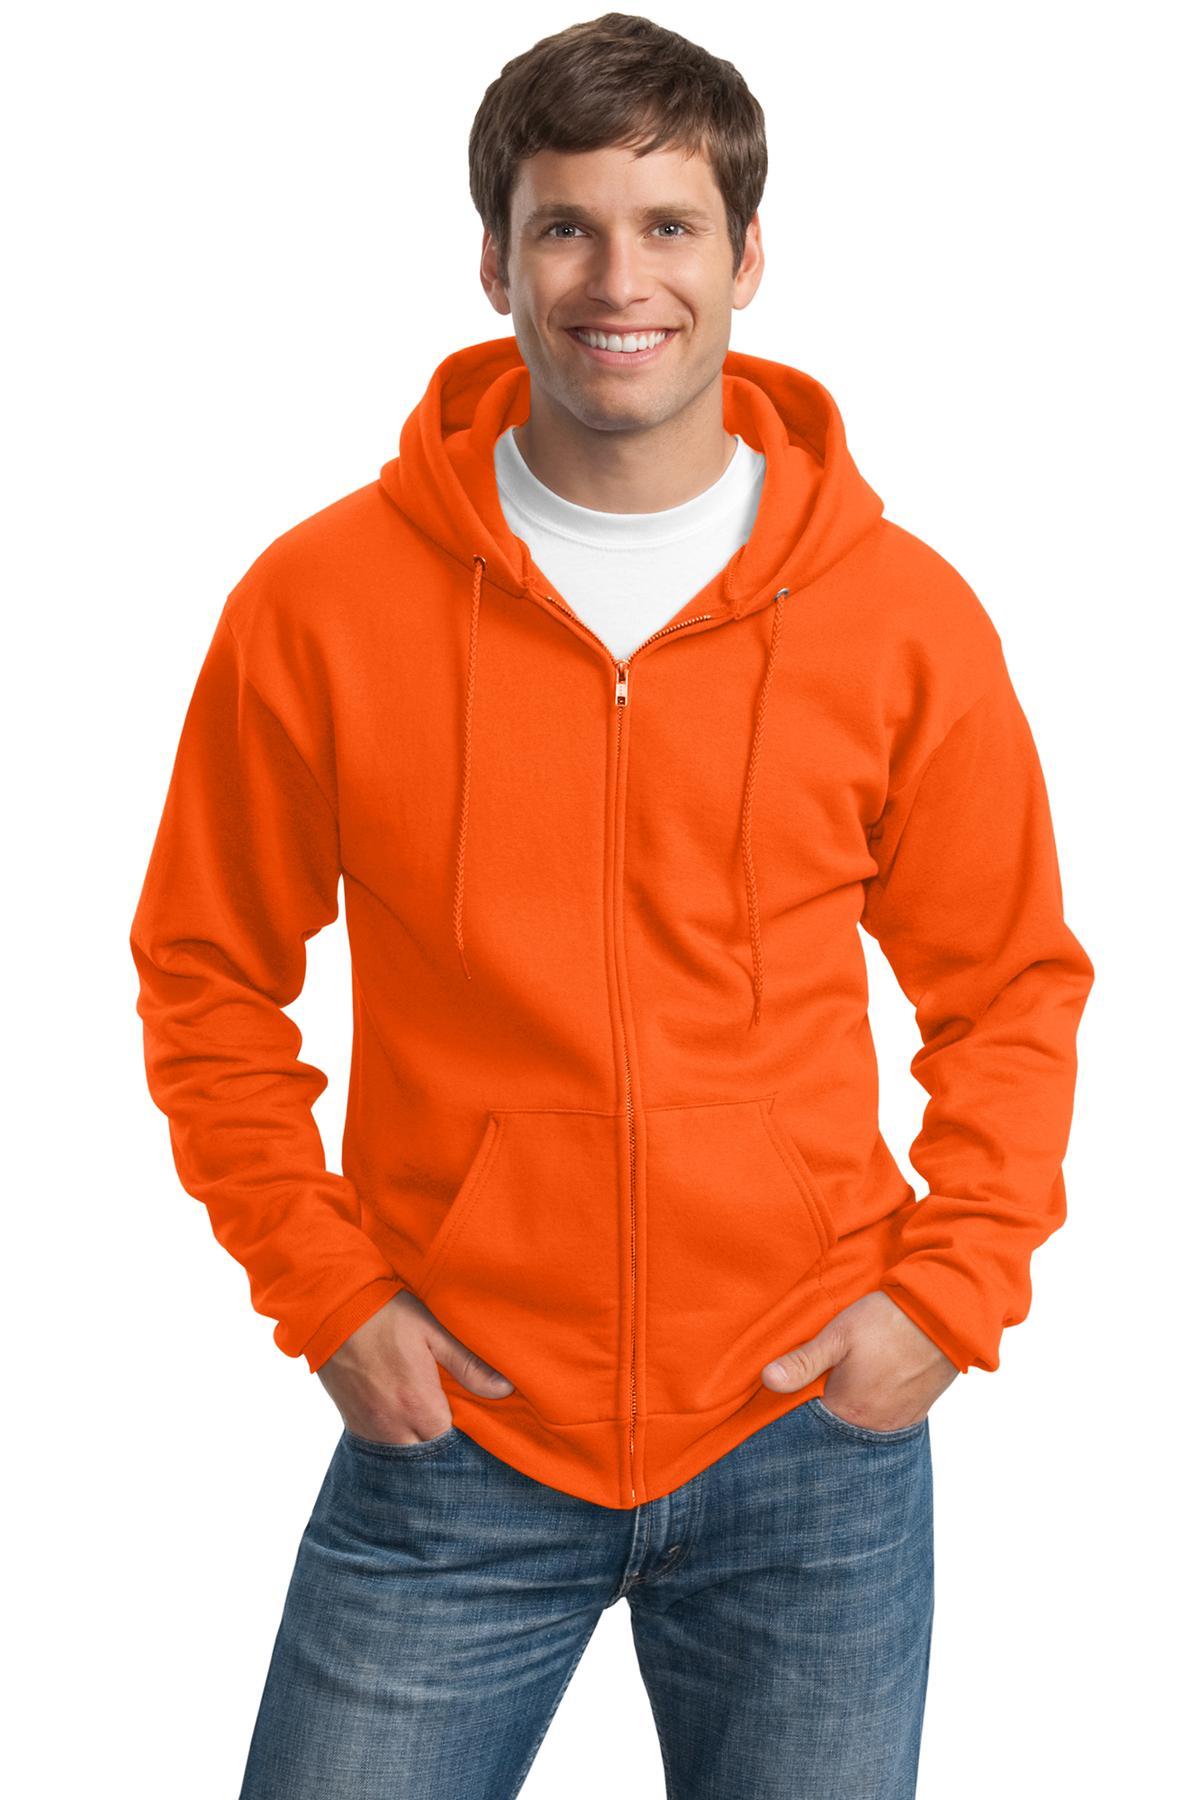 Sweatshirts-Fleece-Hooded-49